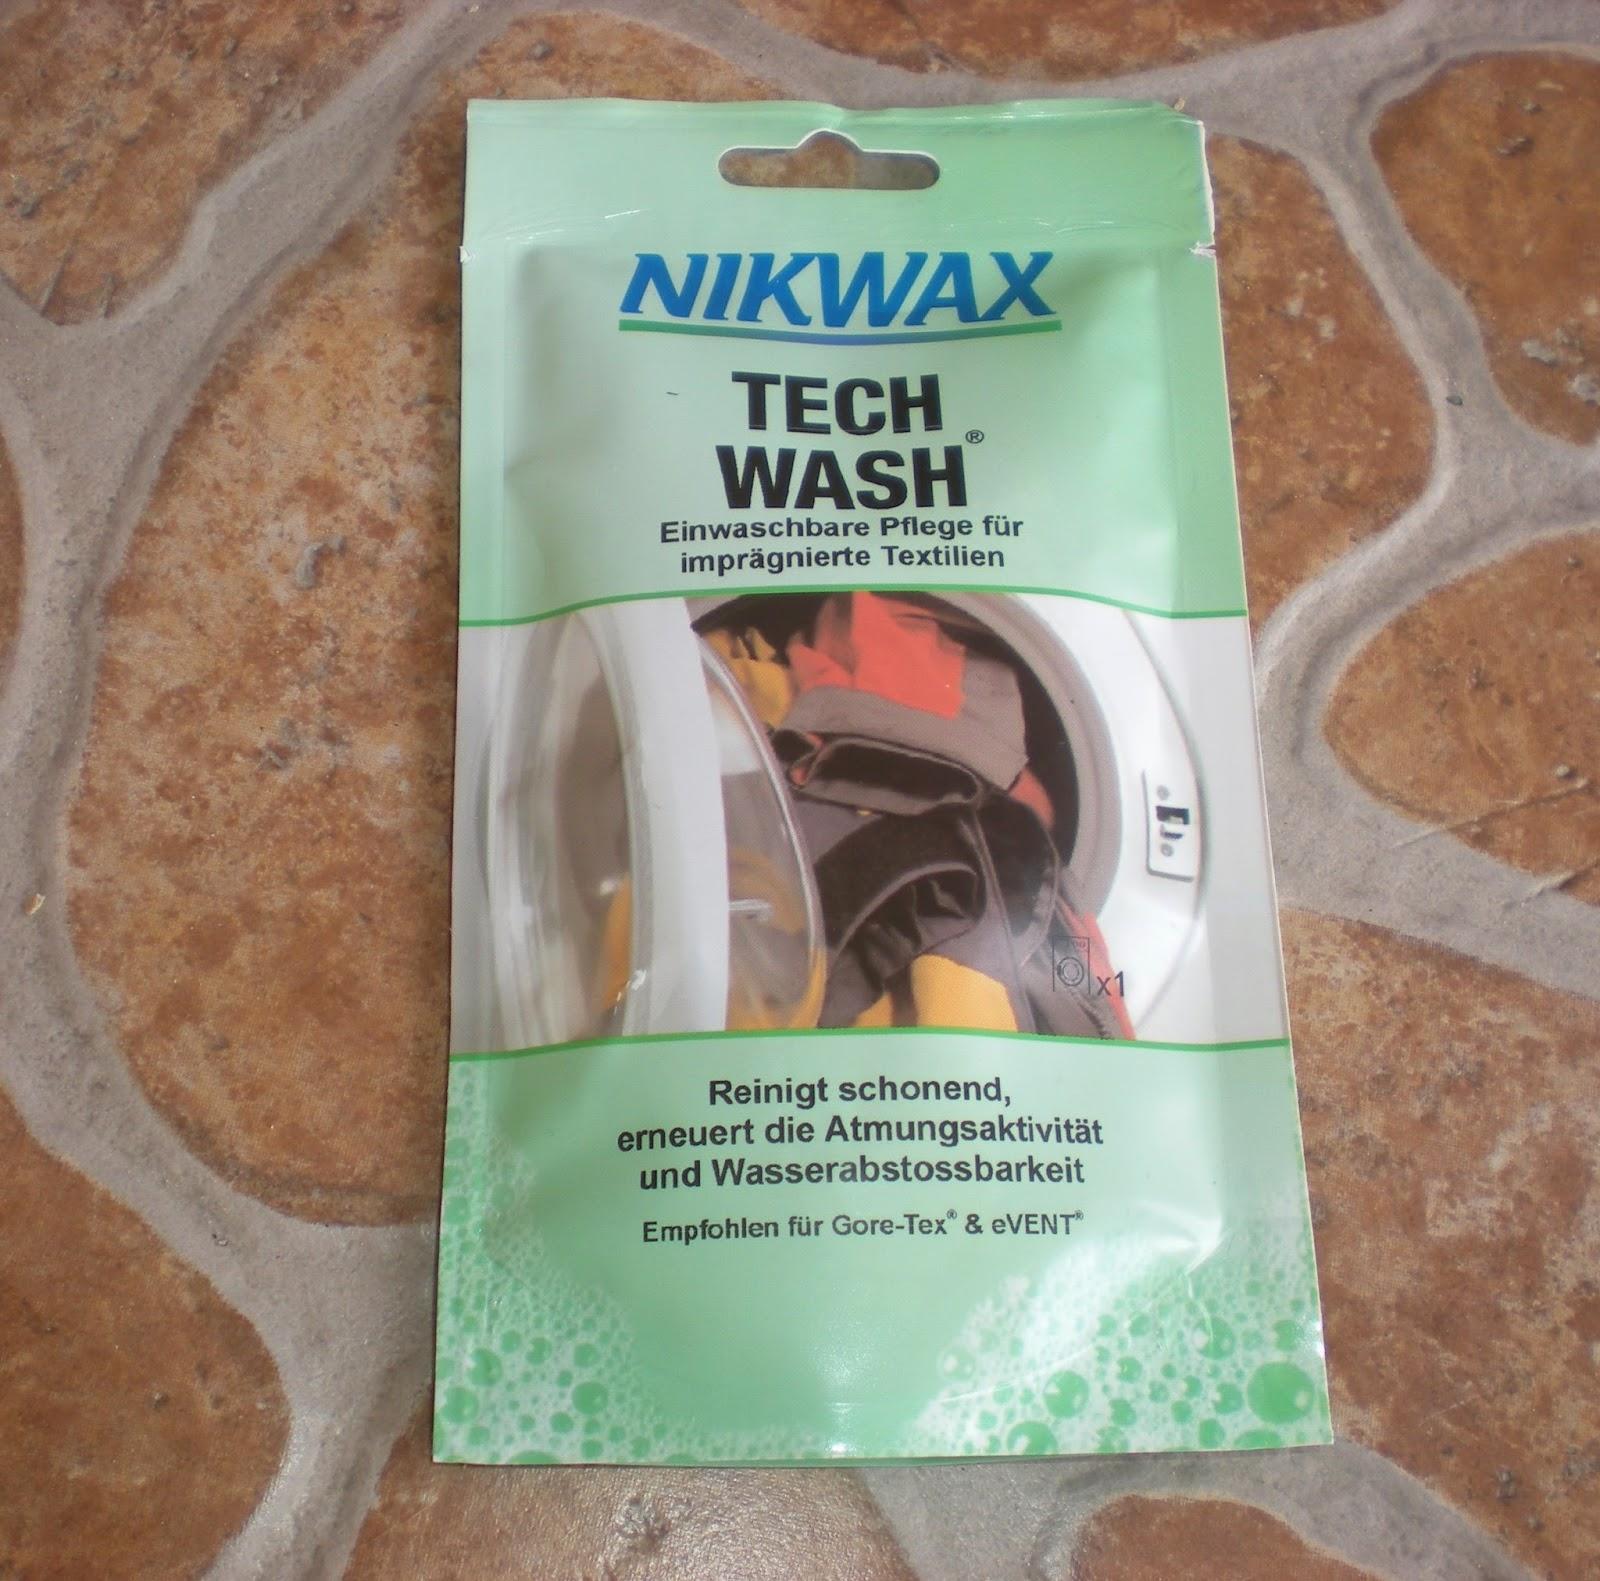 Środek czyszczący do przeciwdeszczowej odzieży i sprzętu - recenzja